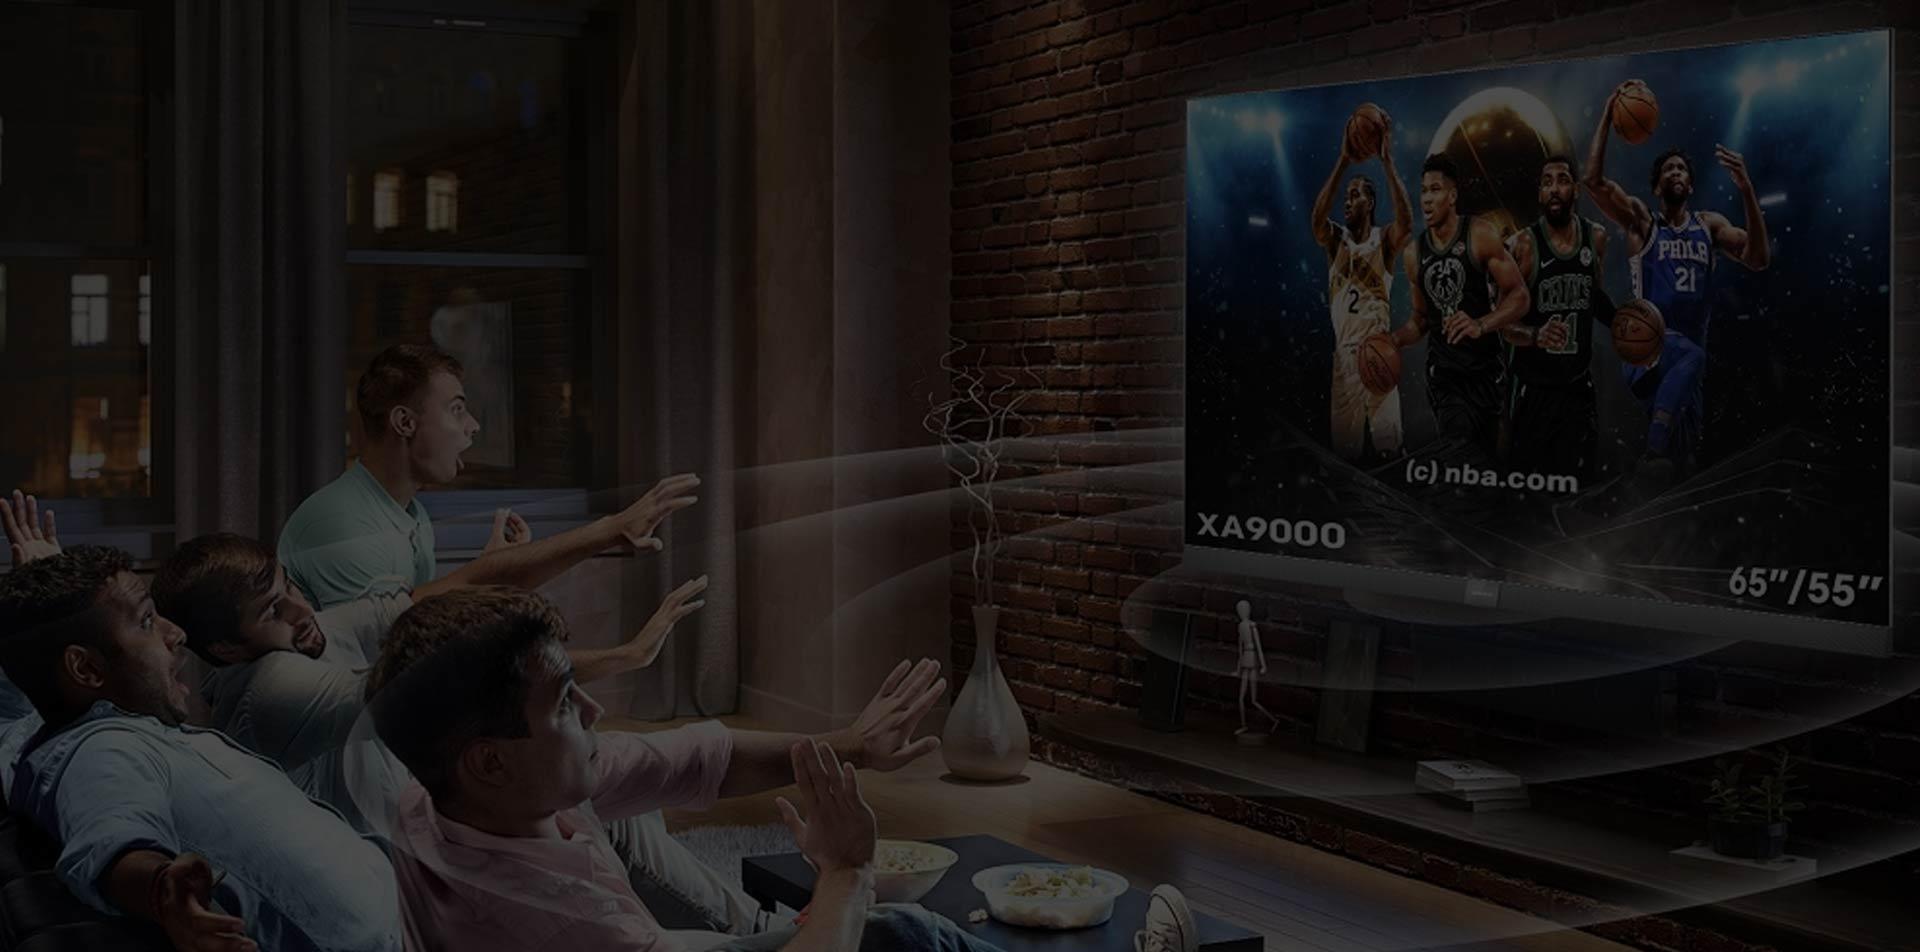 کدام مدل و سایز تلویزیون شیائومی تعمیر می شود؟